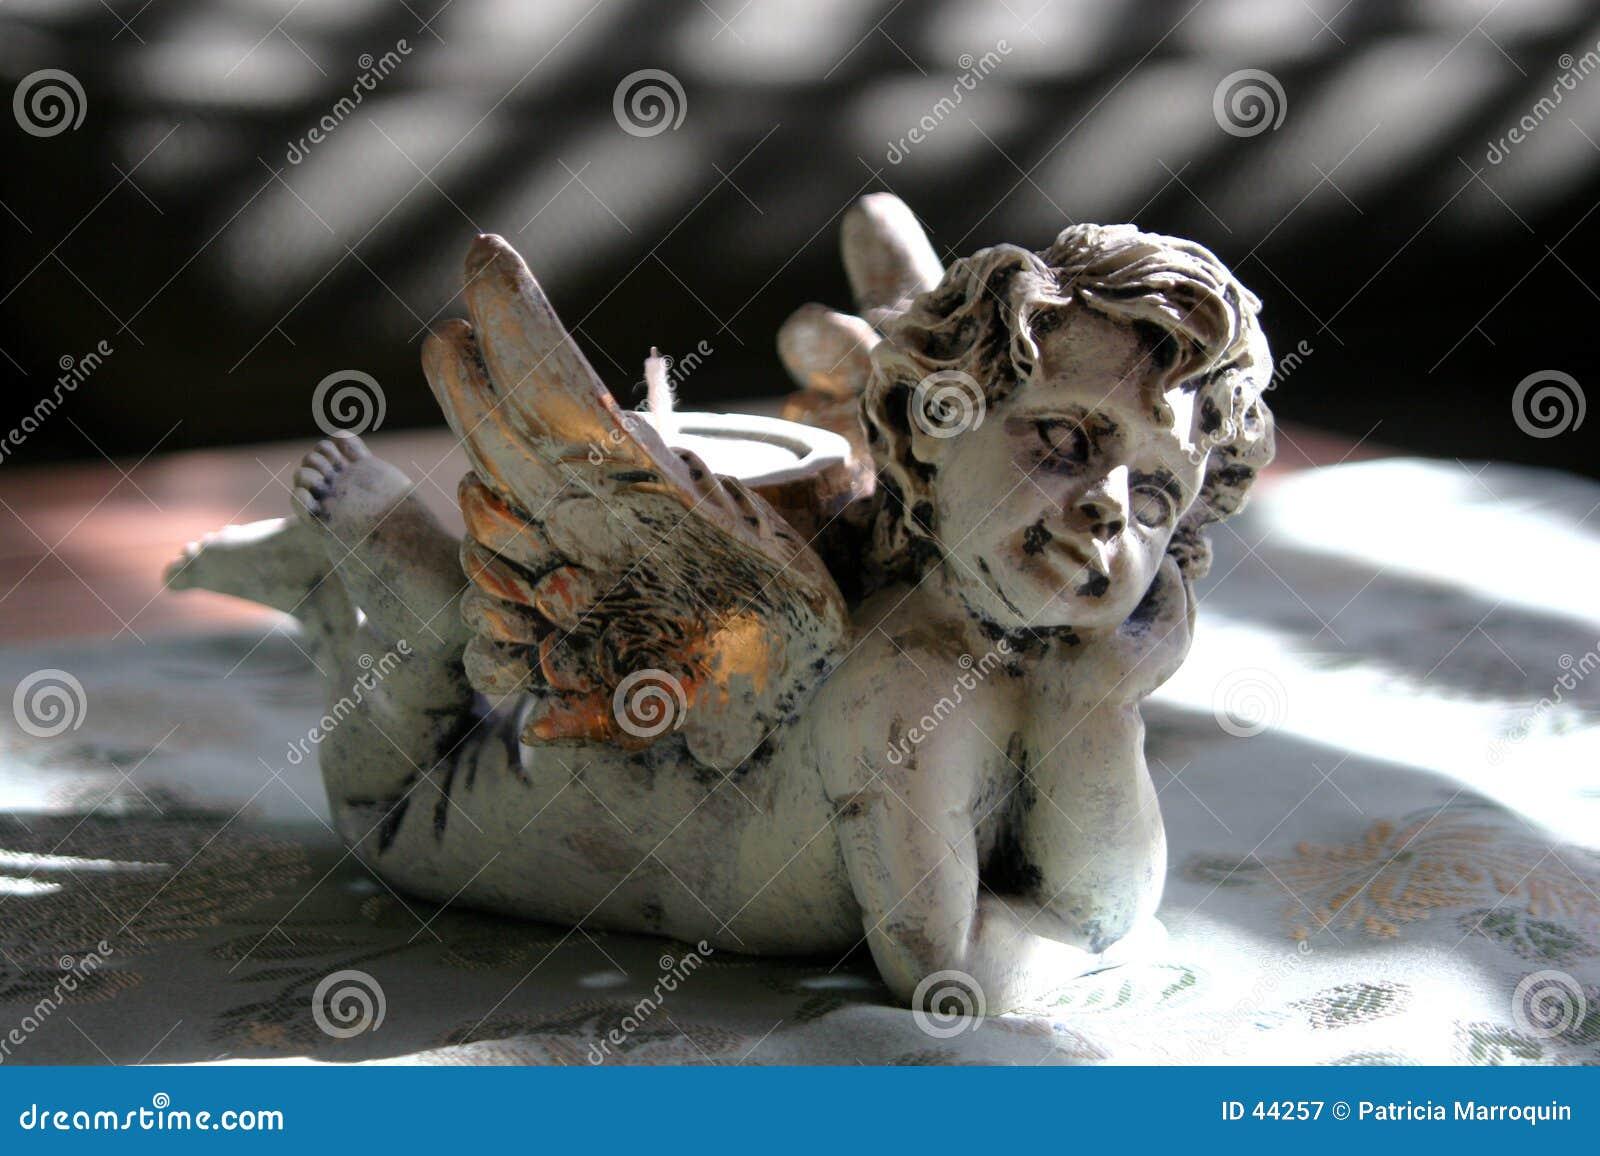 Download Engel in de Schaduwen stock afbeelding. Afbeelding bestaande uit vrede - 44257